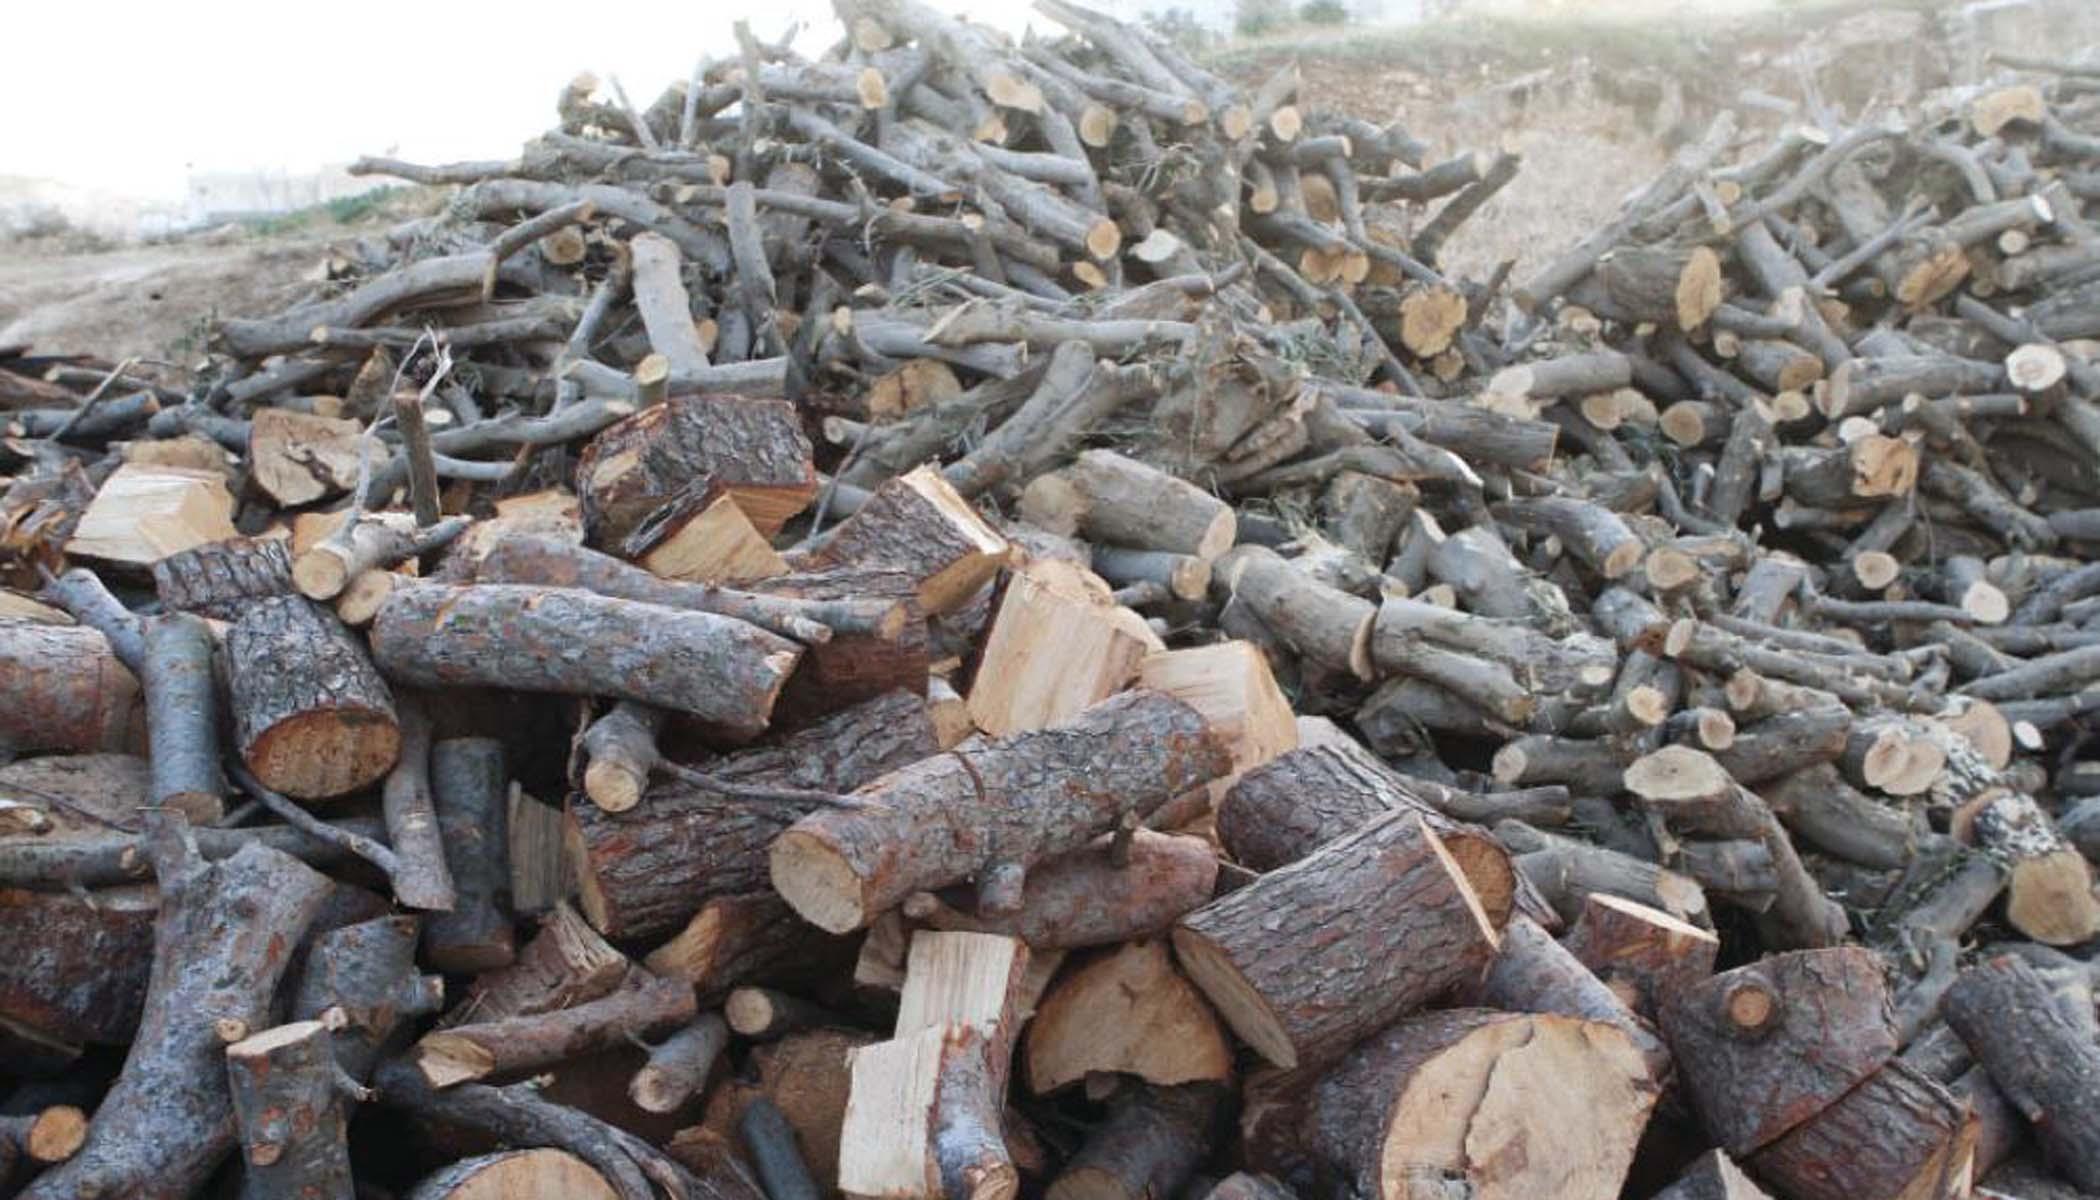 حماة.. الأهالي يلجؤون إلى شراء الحطب للتدفئة مع تأخر توزيع المازوت وزيادة التقنين